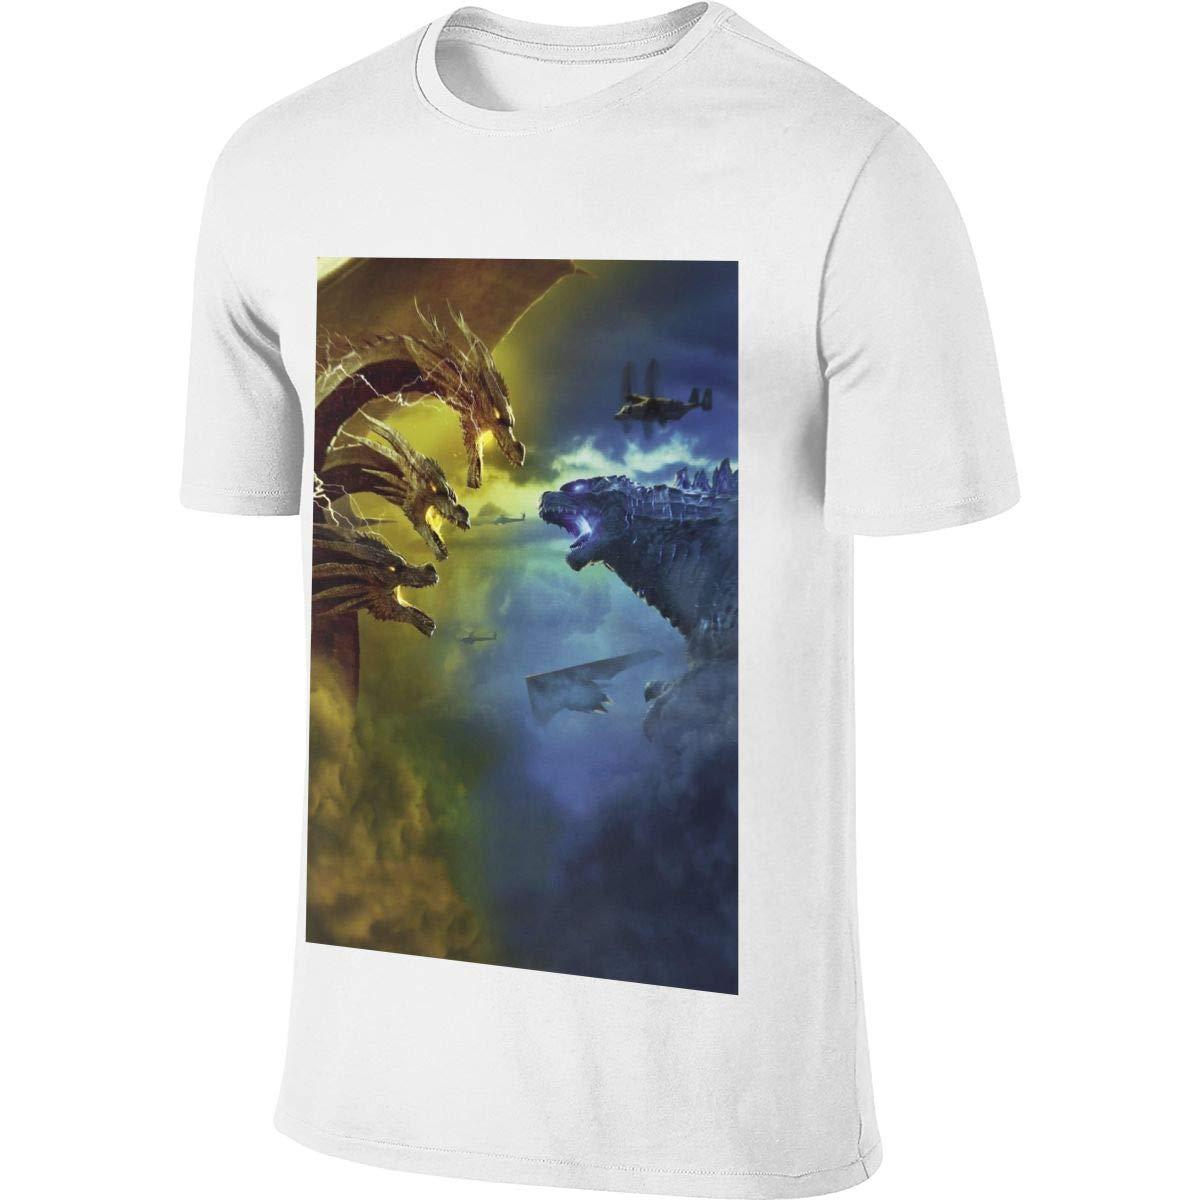 S Customized Cool Godzilla War King Ghidorah Shirts